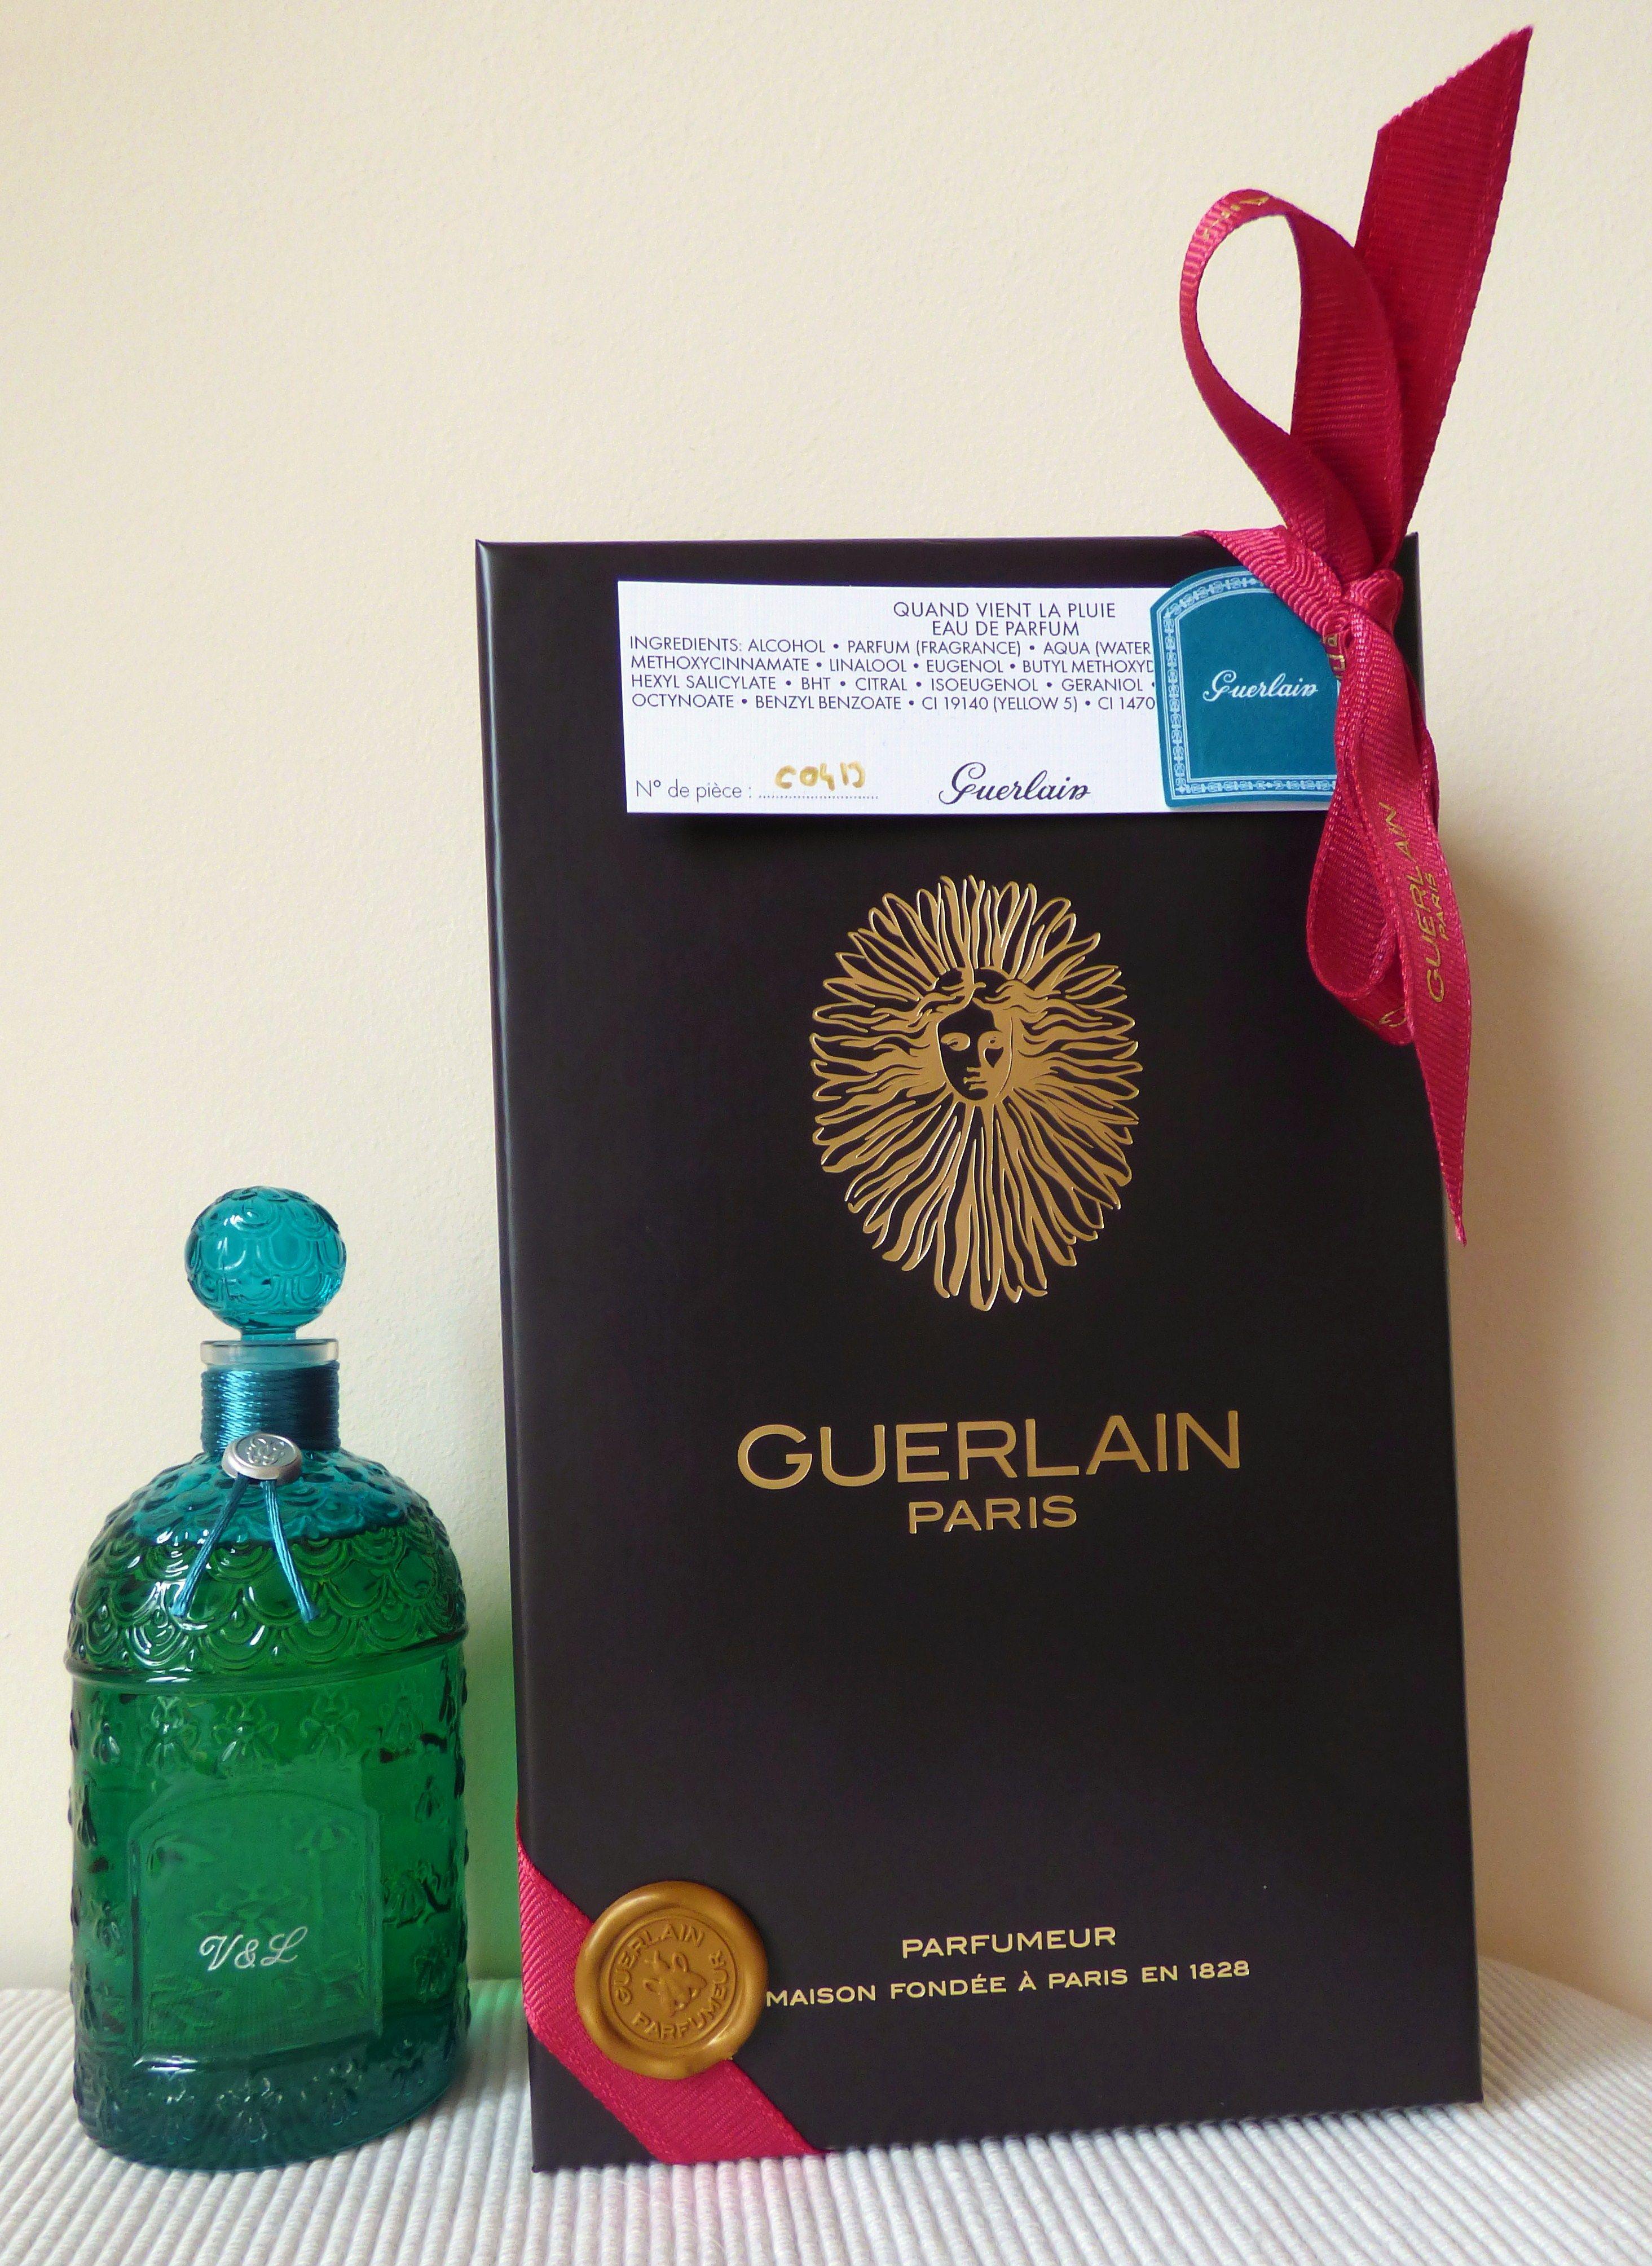 Pin on Perfume Guerlain